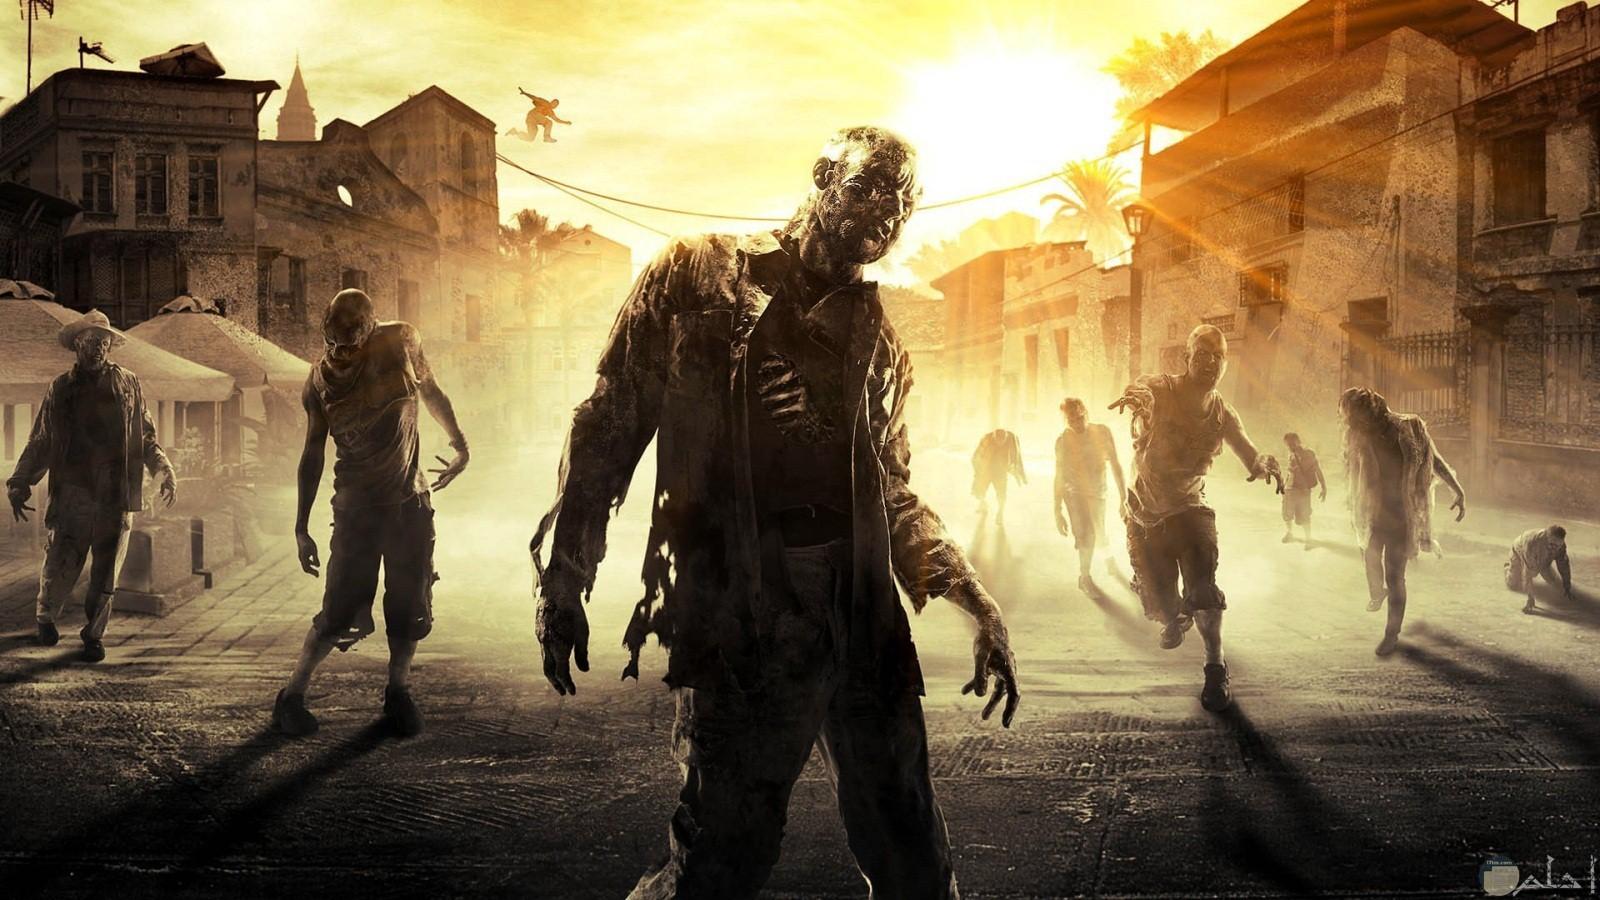 أقوى أفلام الرعب الأجنبية للزومبي.